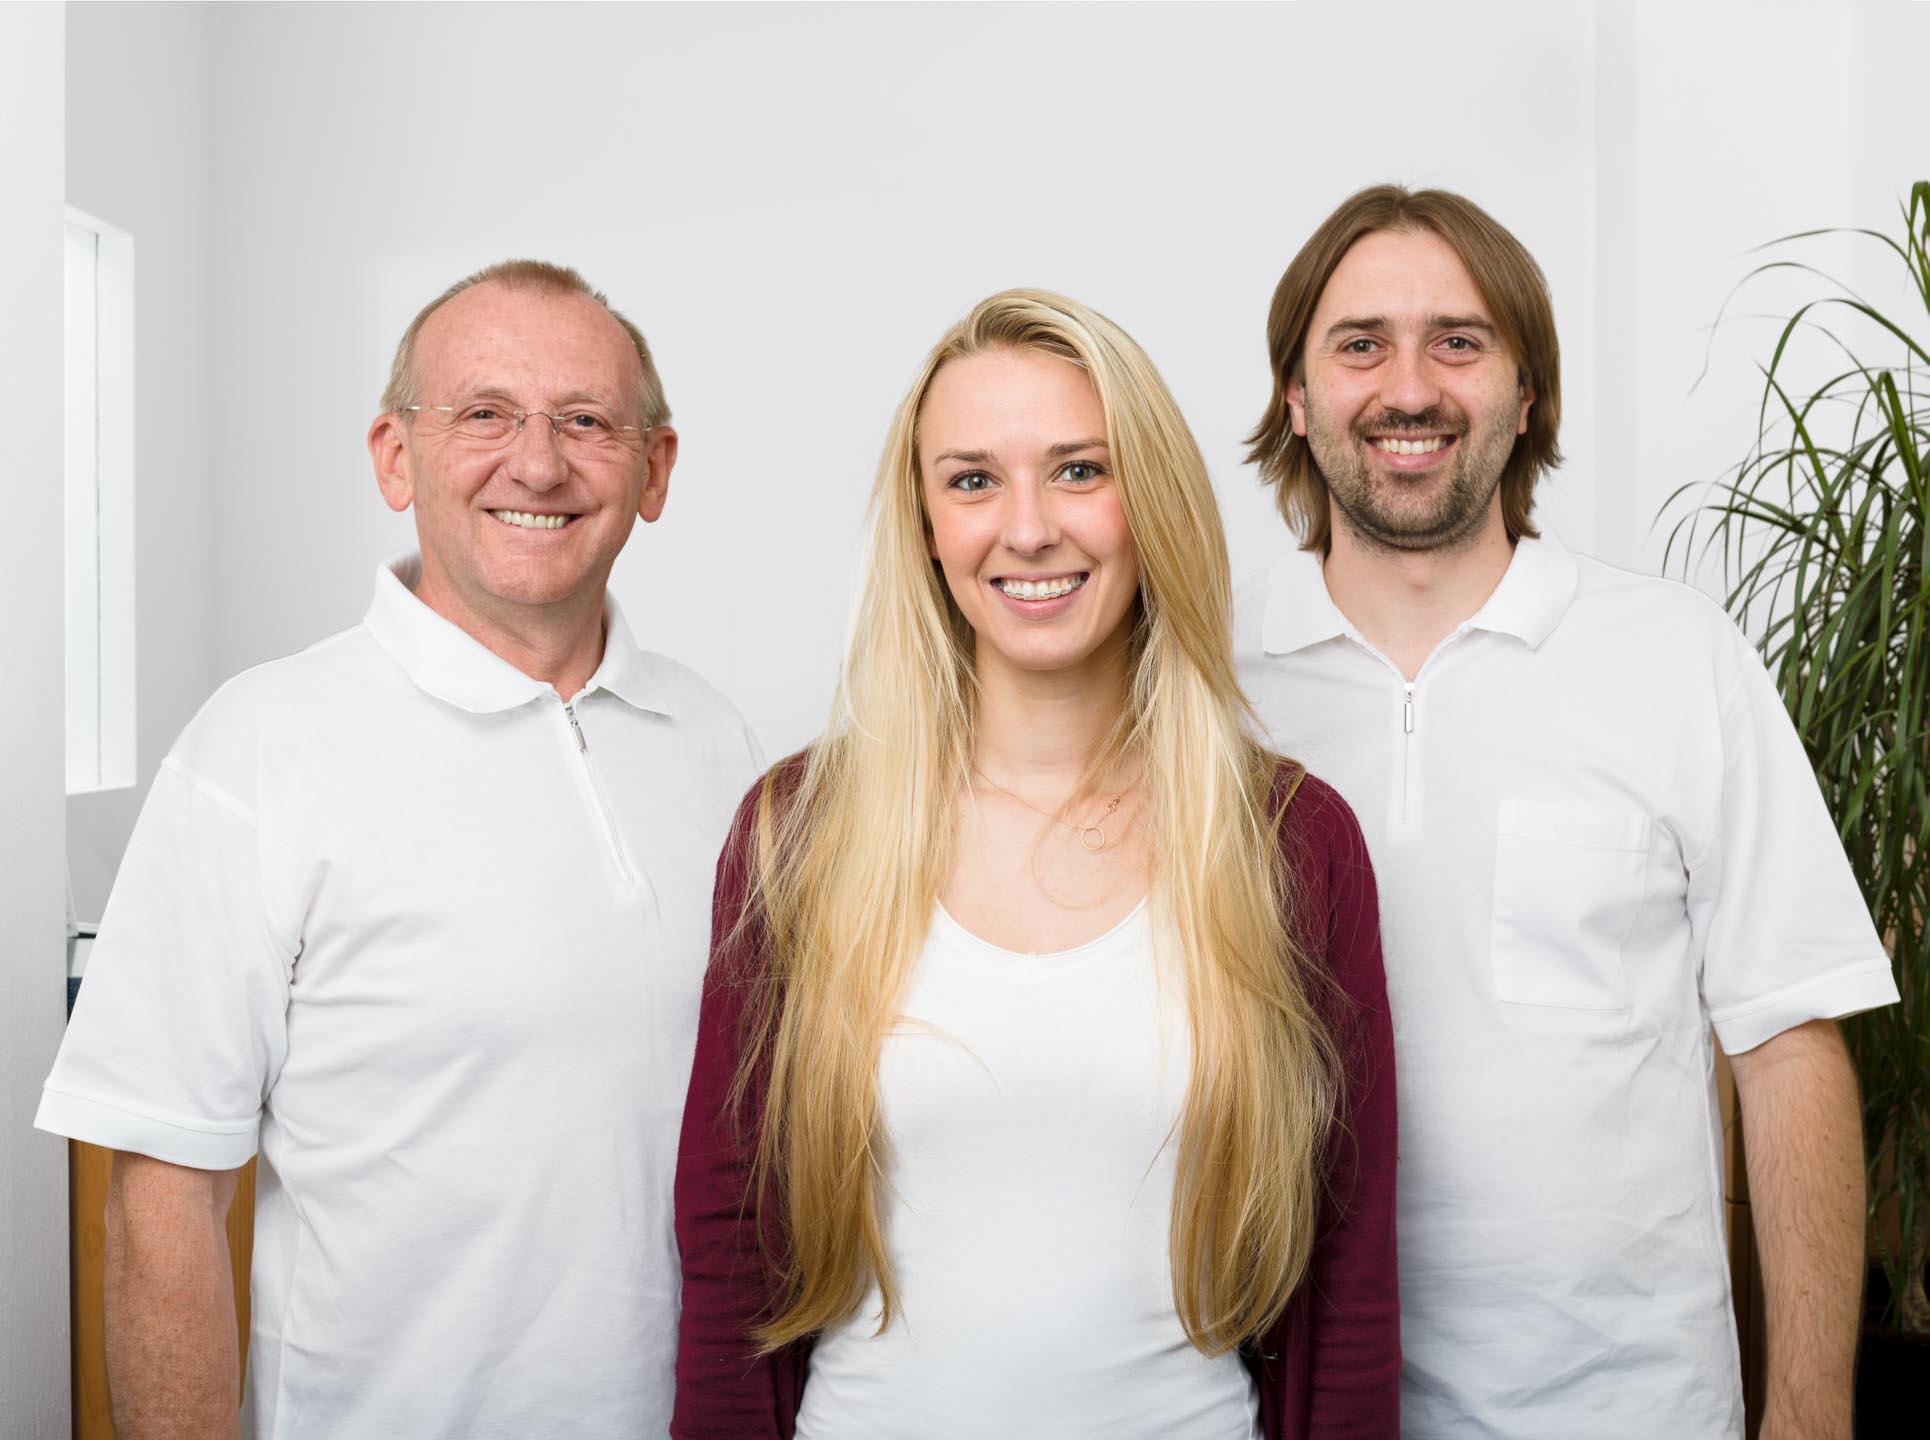 Teamfoto von Zahnärzten in der Praxis